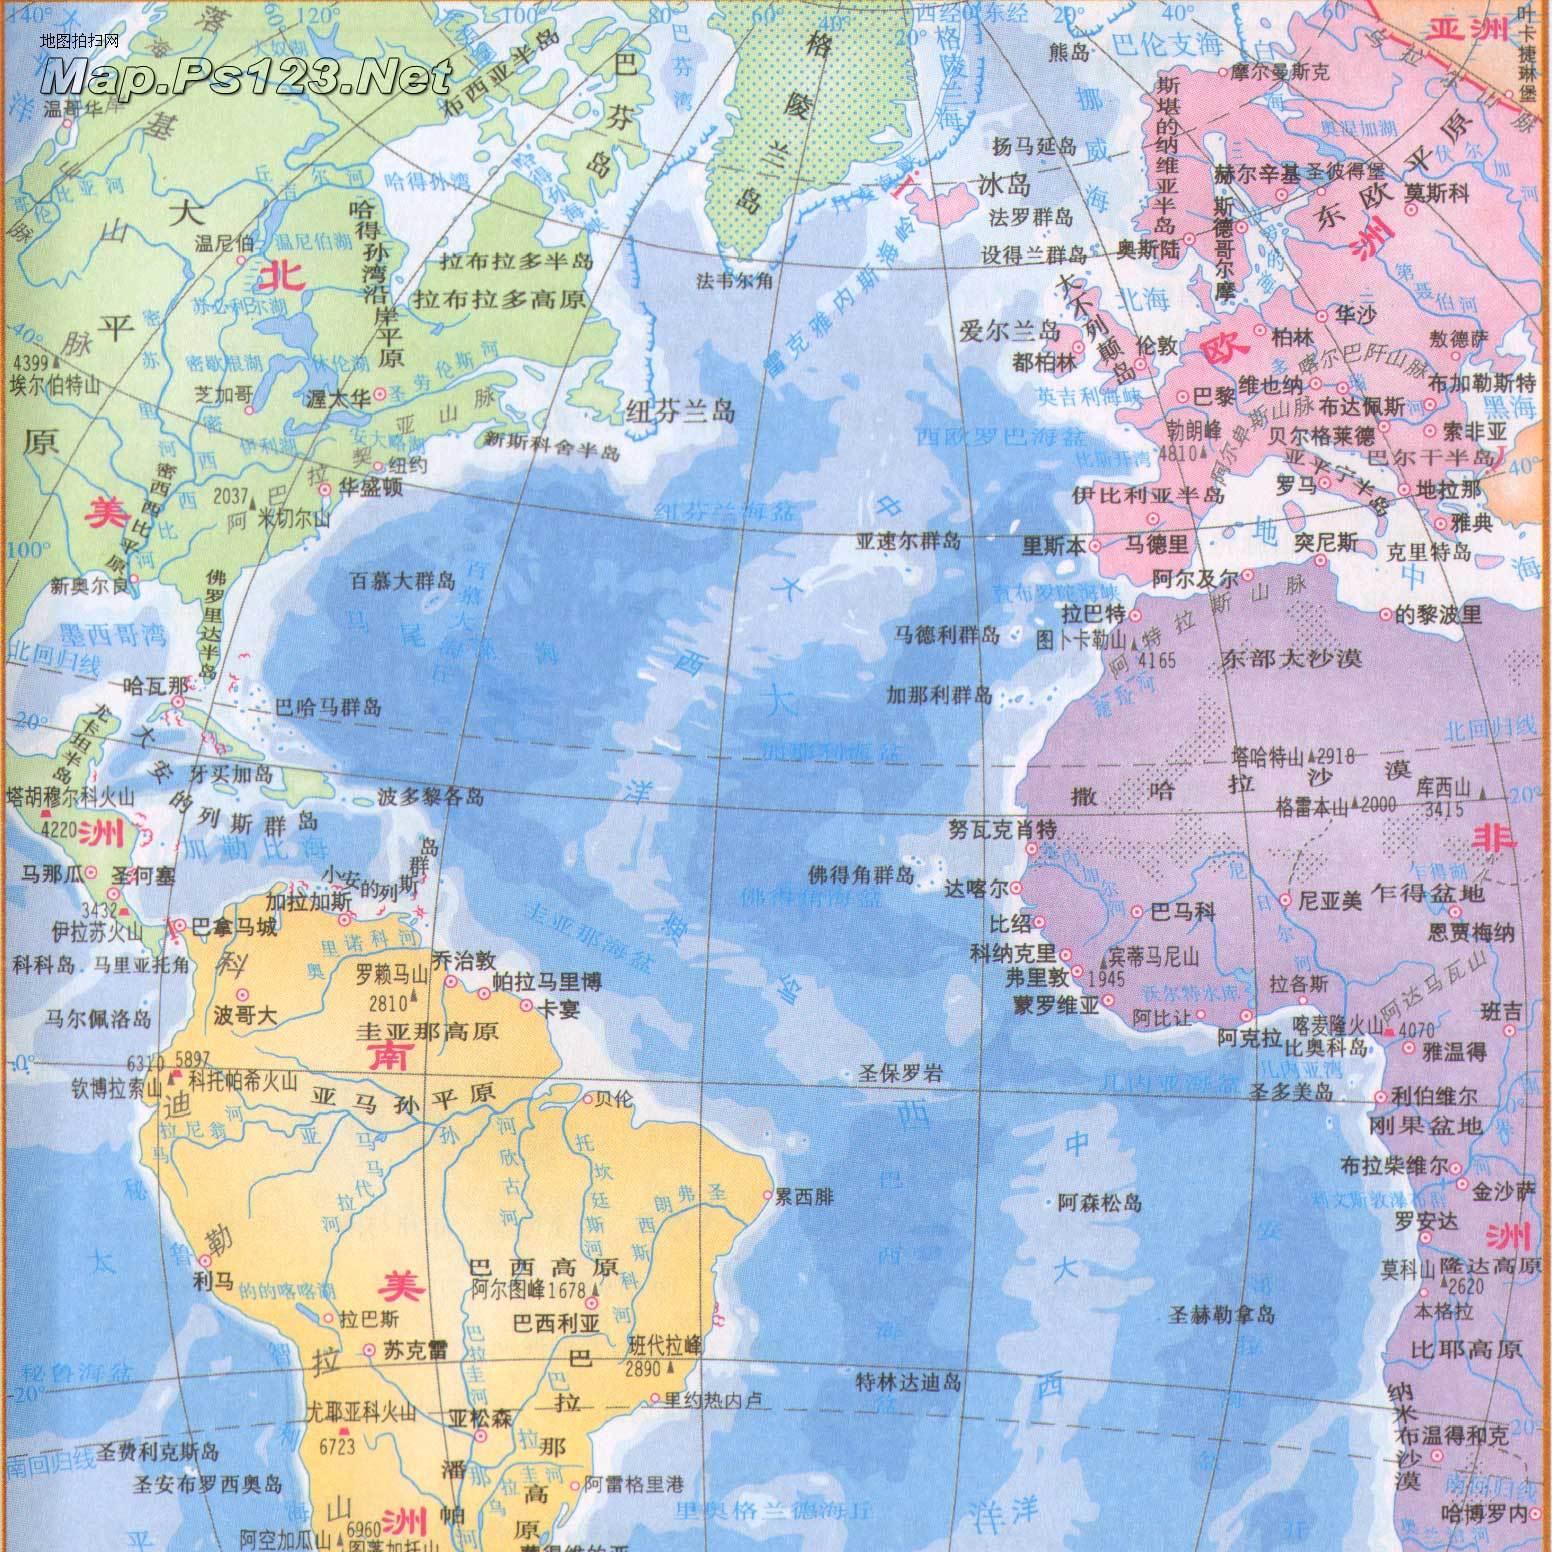 大西洋地图